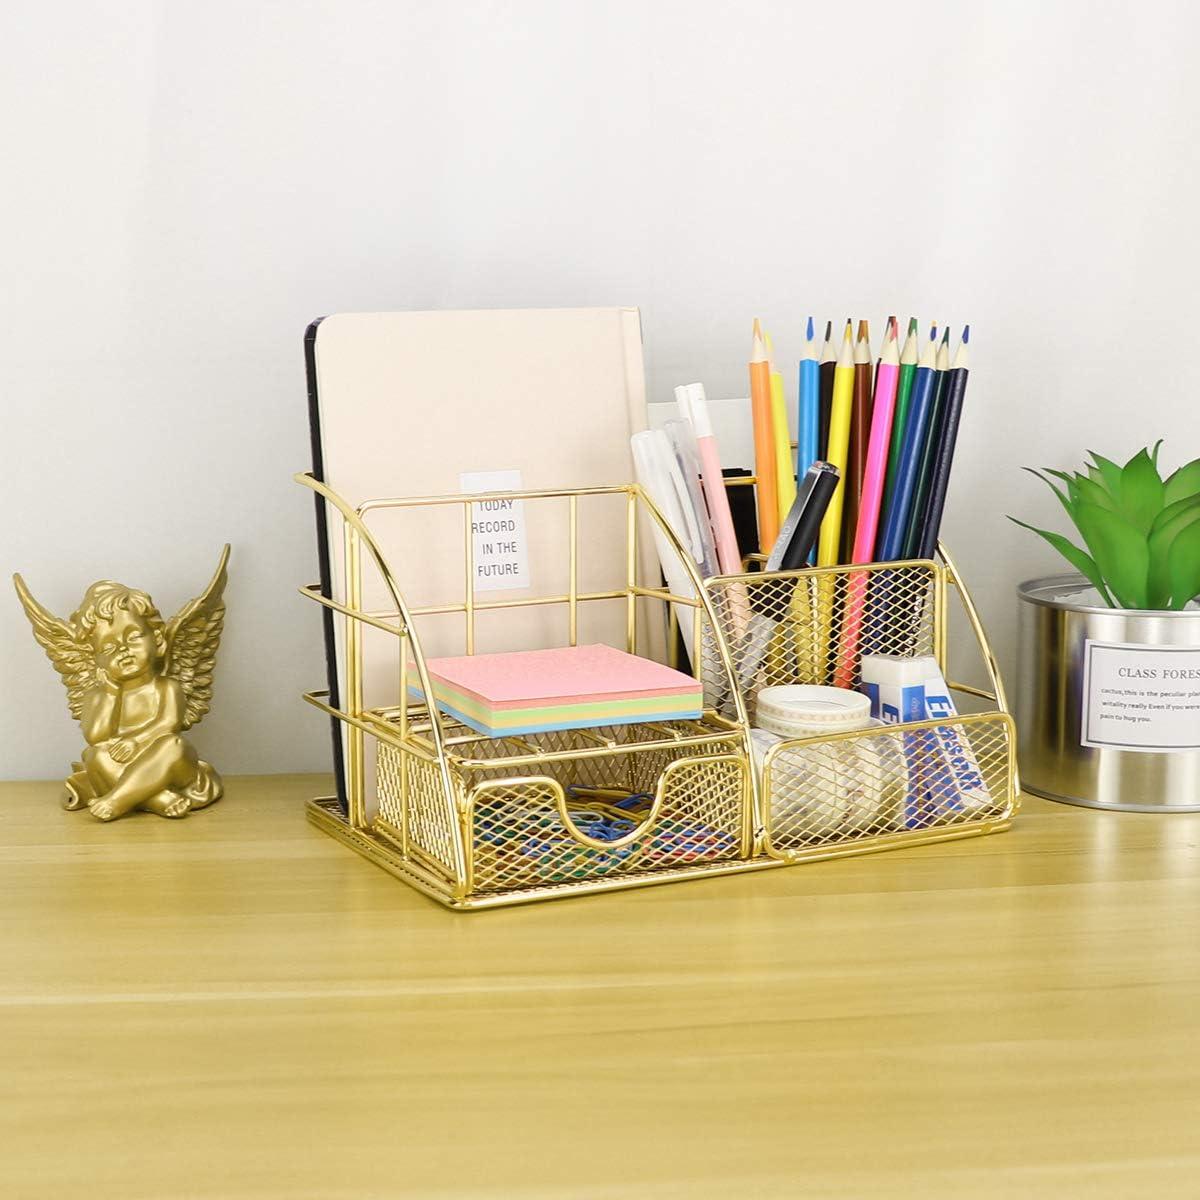 organiseur de papier et tiroir de bureau dor/é porte-stylo Morigem Organiseur de bureau avec organiseur de courrier